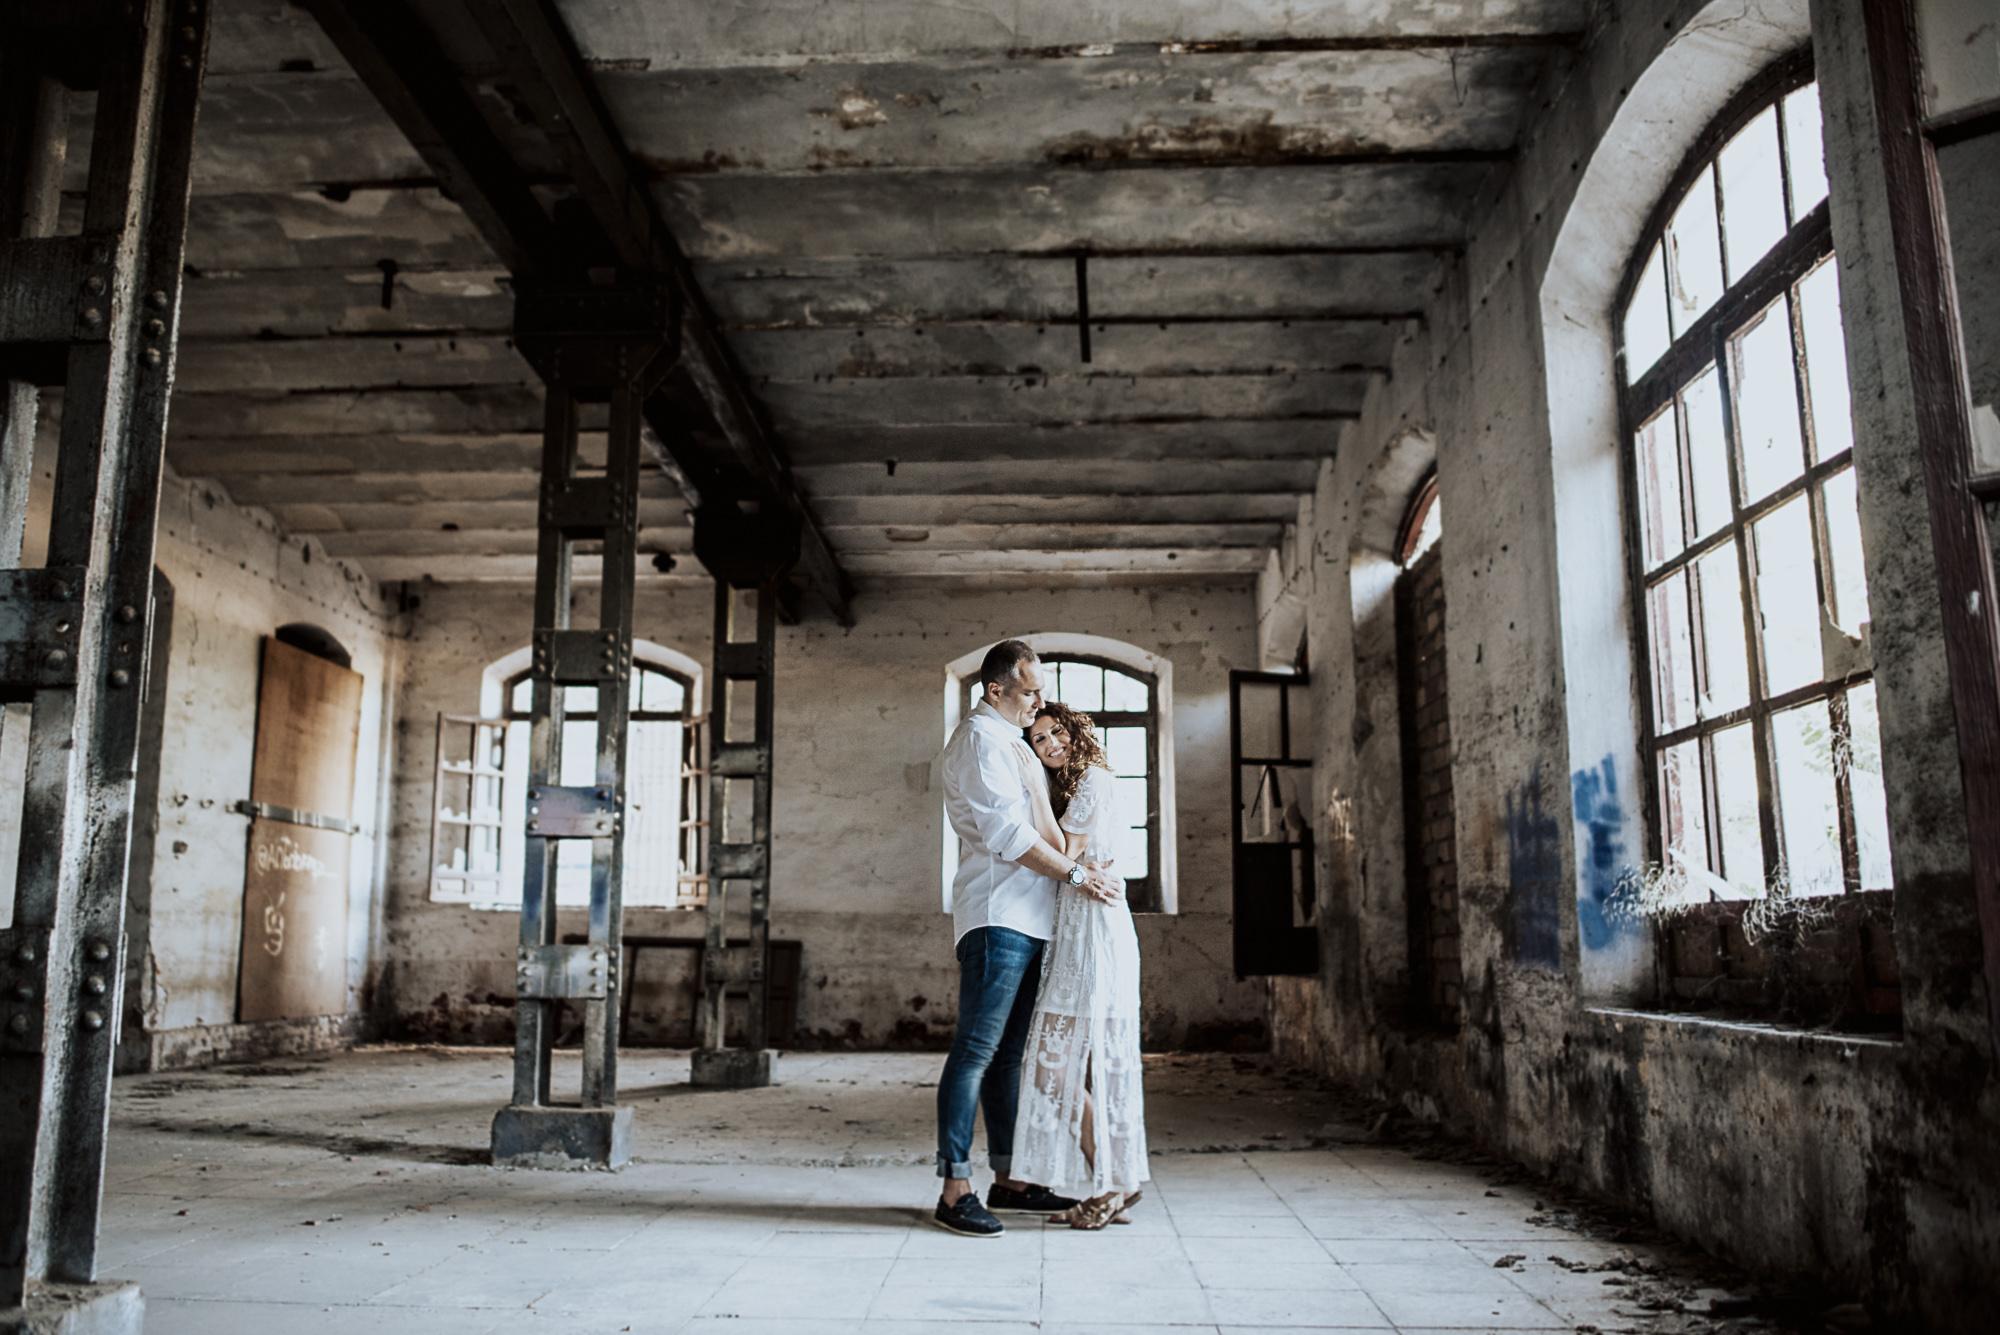 garatefotografia-fotografo-de-boda-en-Granada (12)